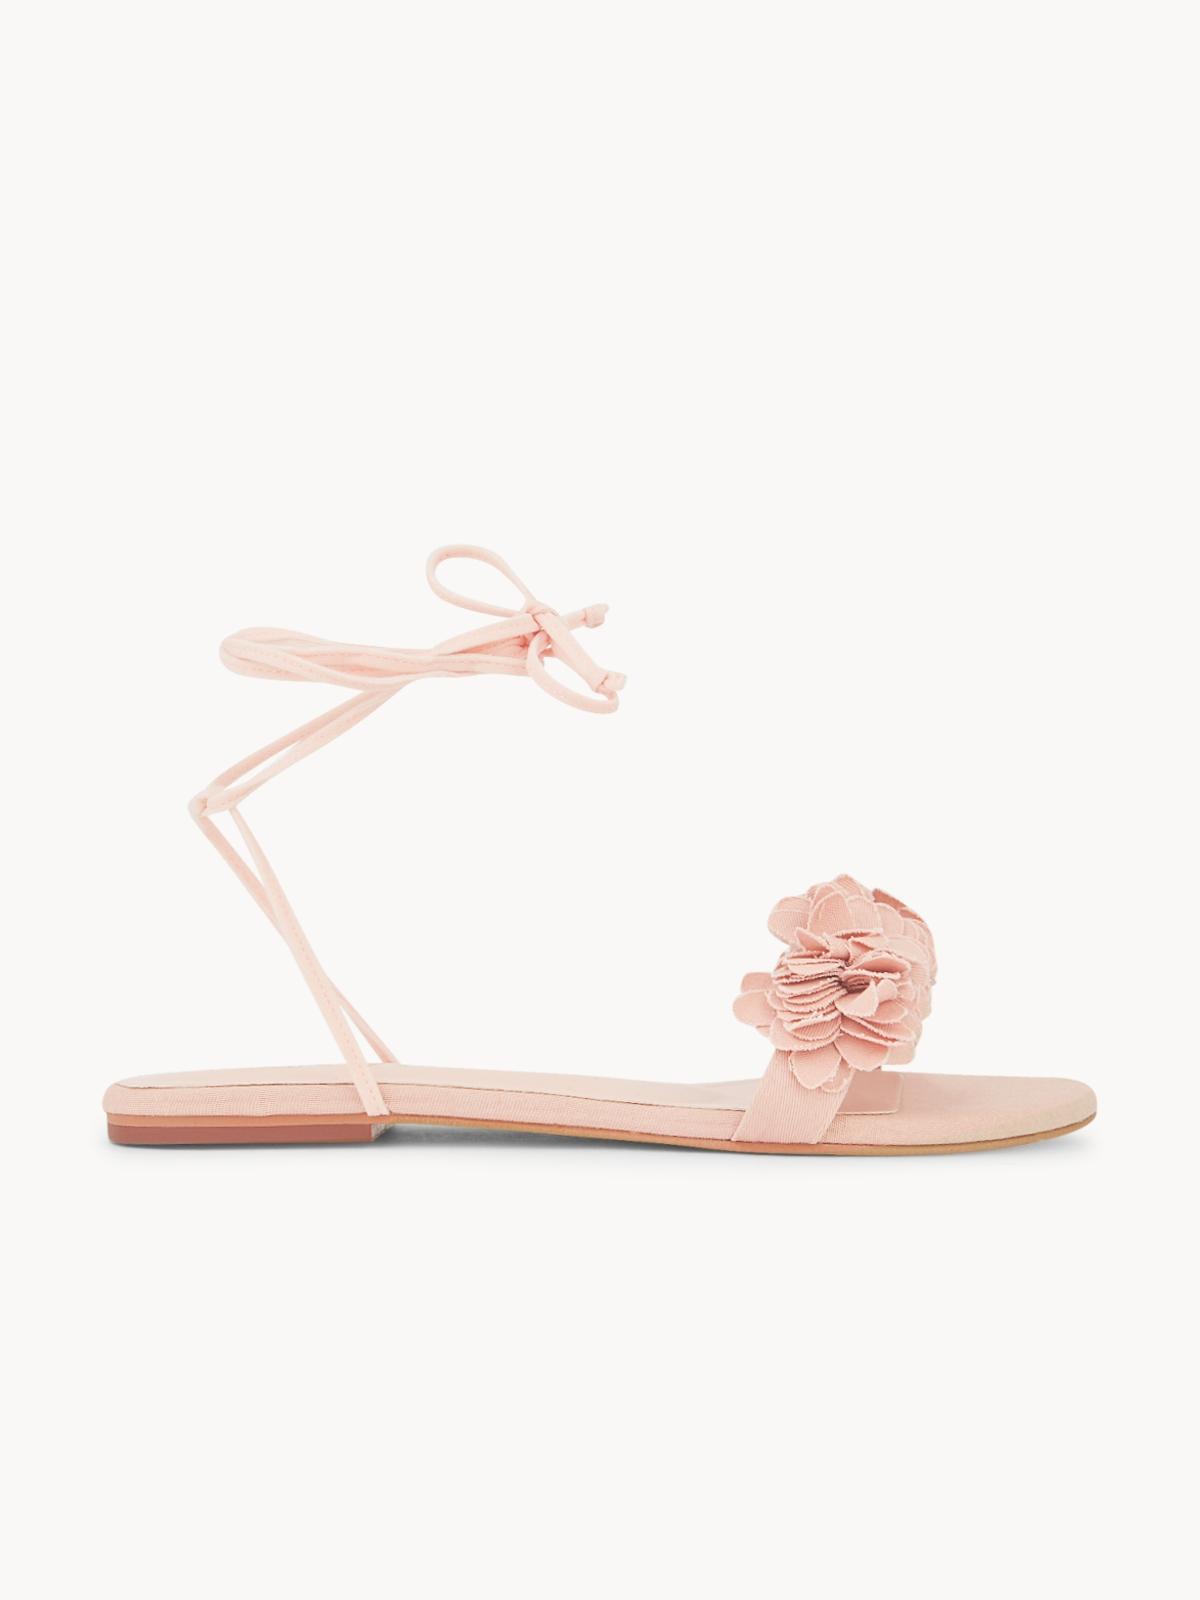 MINX Floral Lace Up Sandals Pink